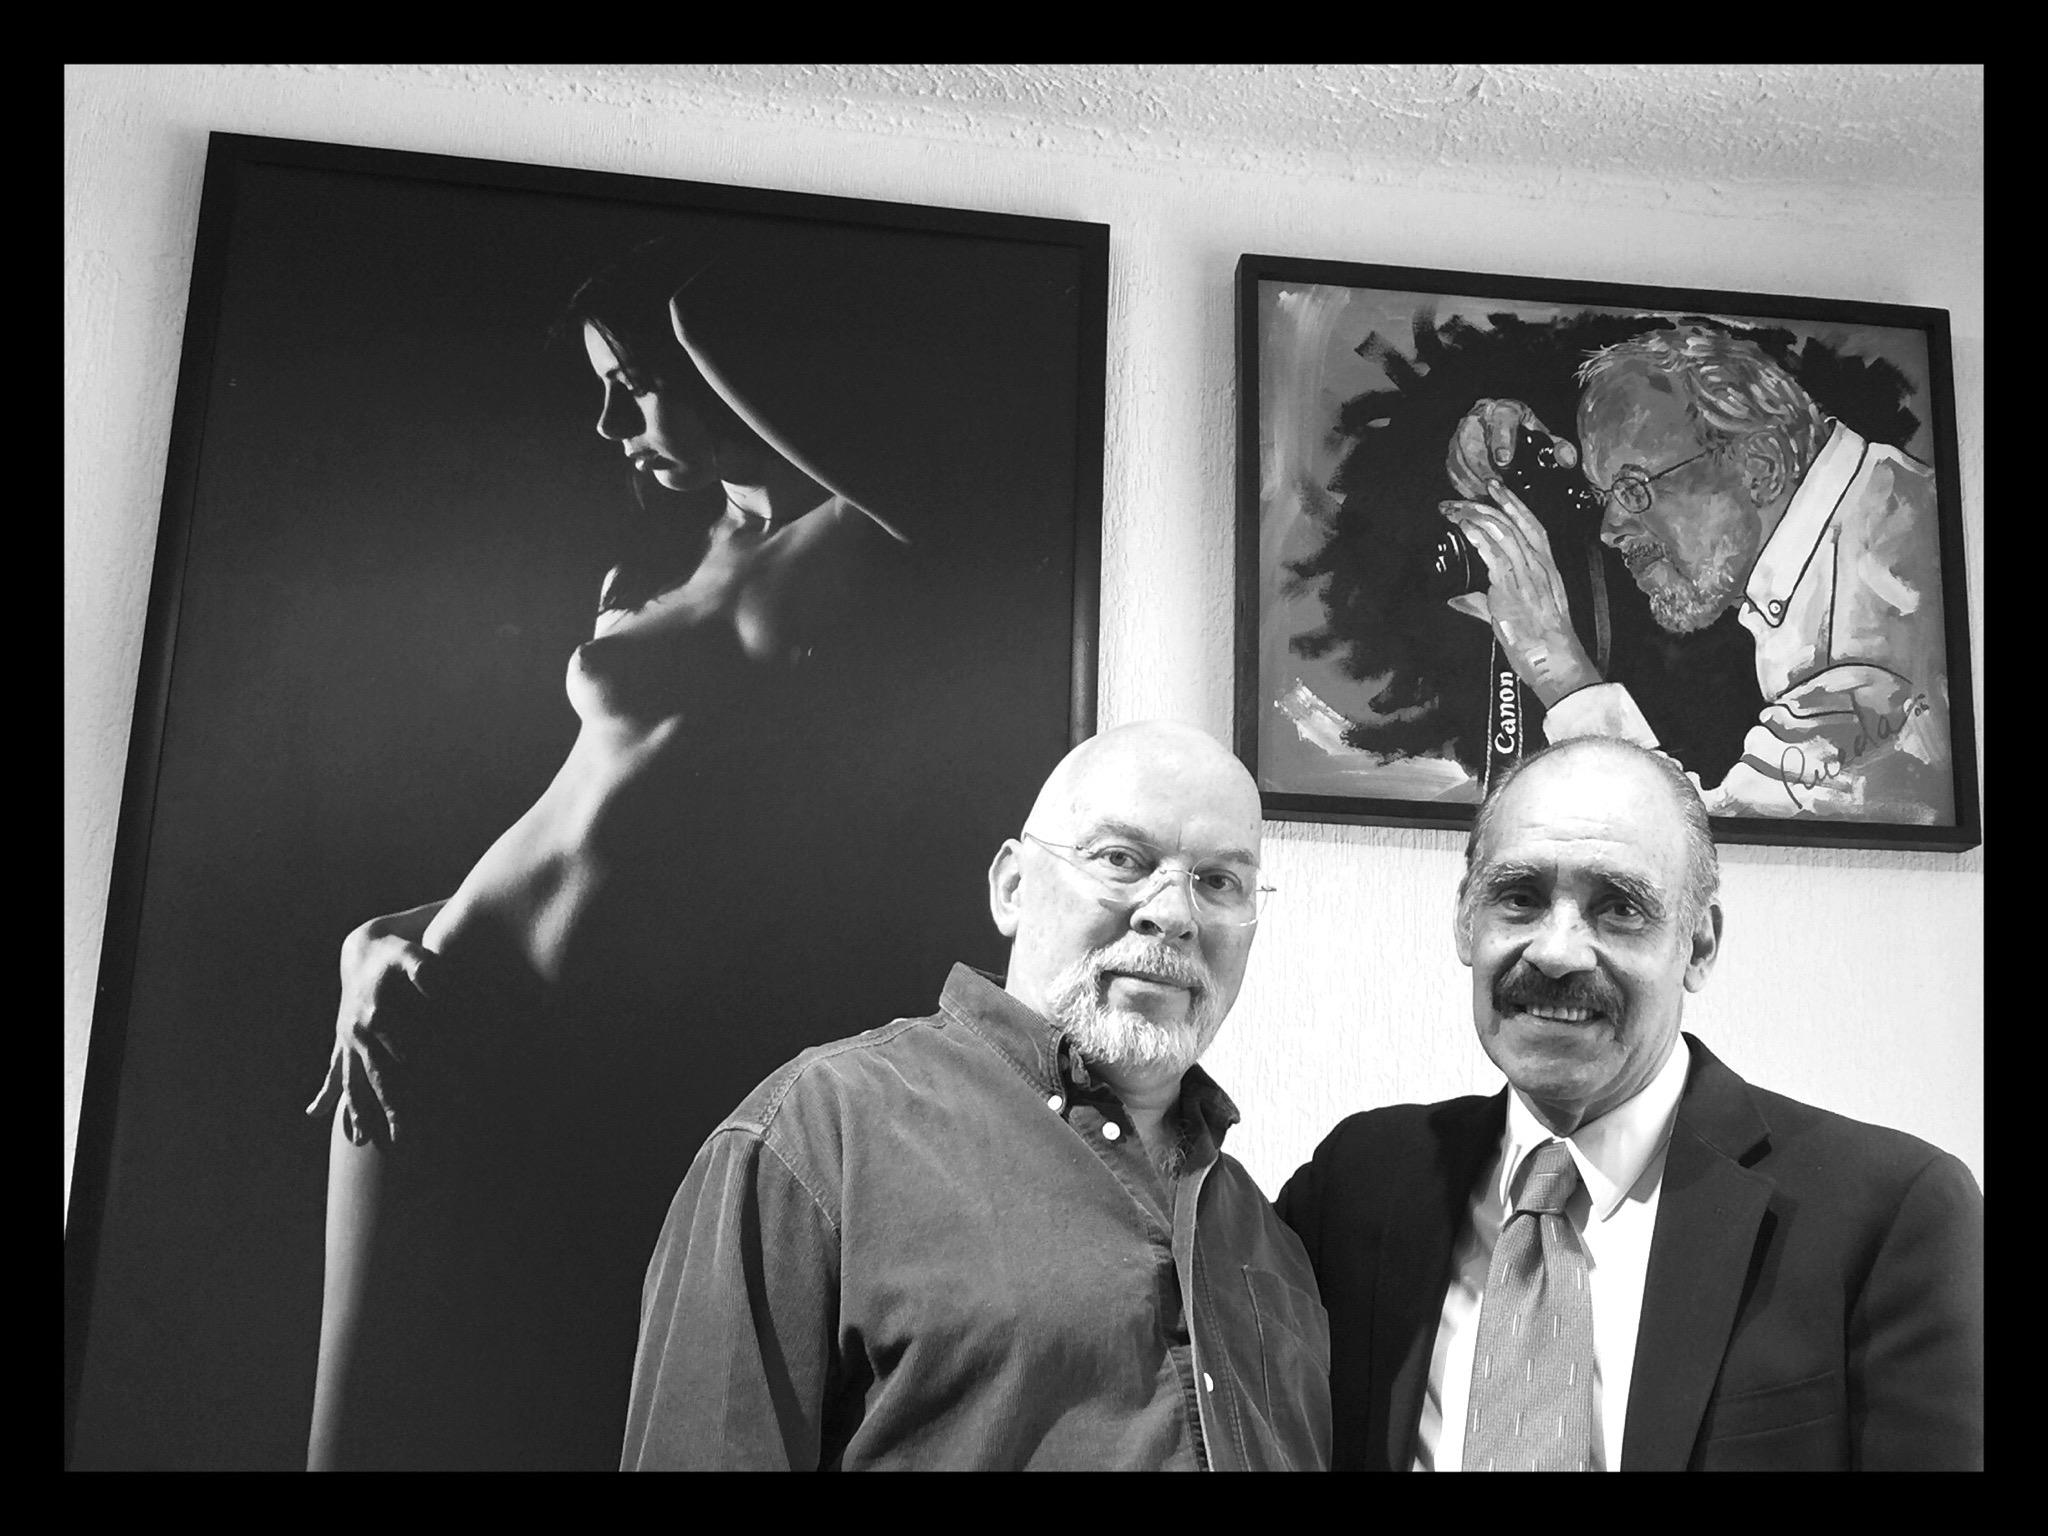 Una visita inesperada: el pintor José Luis Rueda en Ediciones del Ermitaño